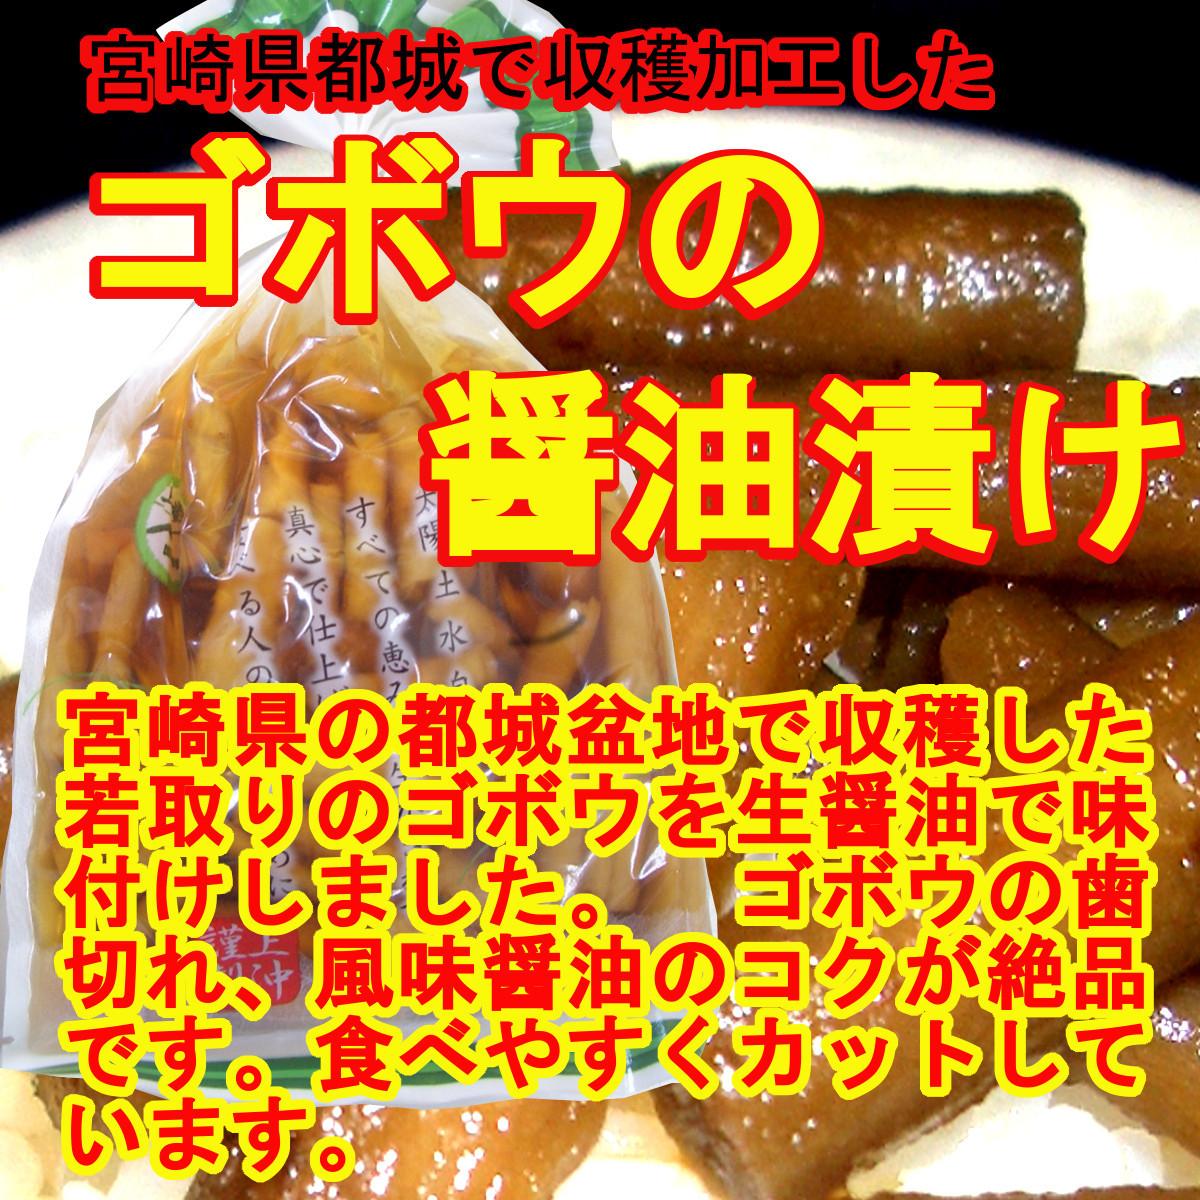 ゴボウの醤油漬け」20袋 ご飯のお供 宮崎県産ゴボウの漬物 おかず おつまみ お茶うけ 色んな料理の付合わせに 食べてスッキリ 送料無料 _画像2